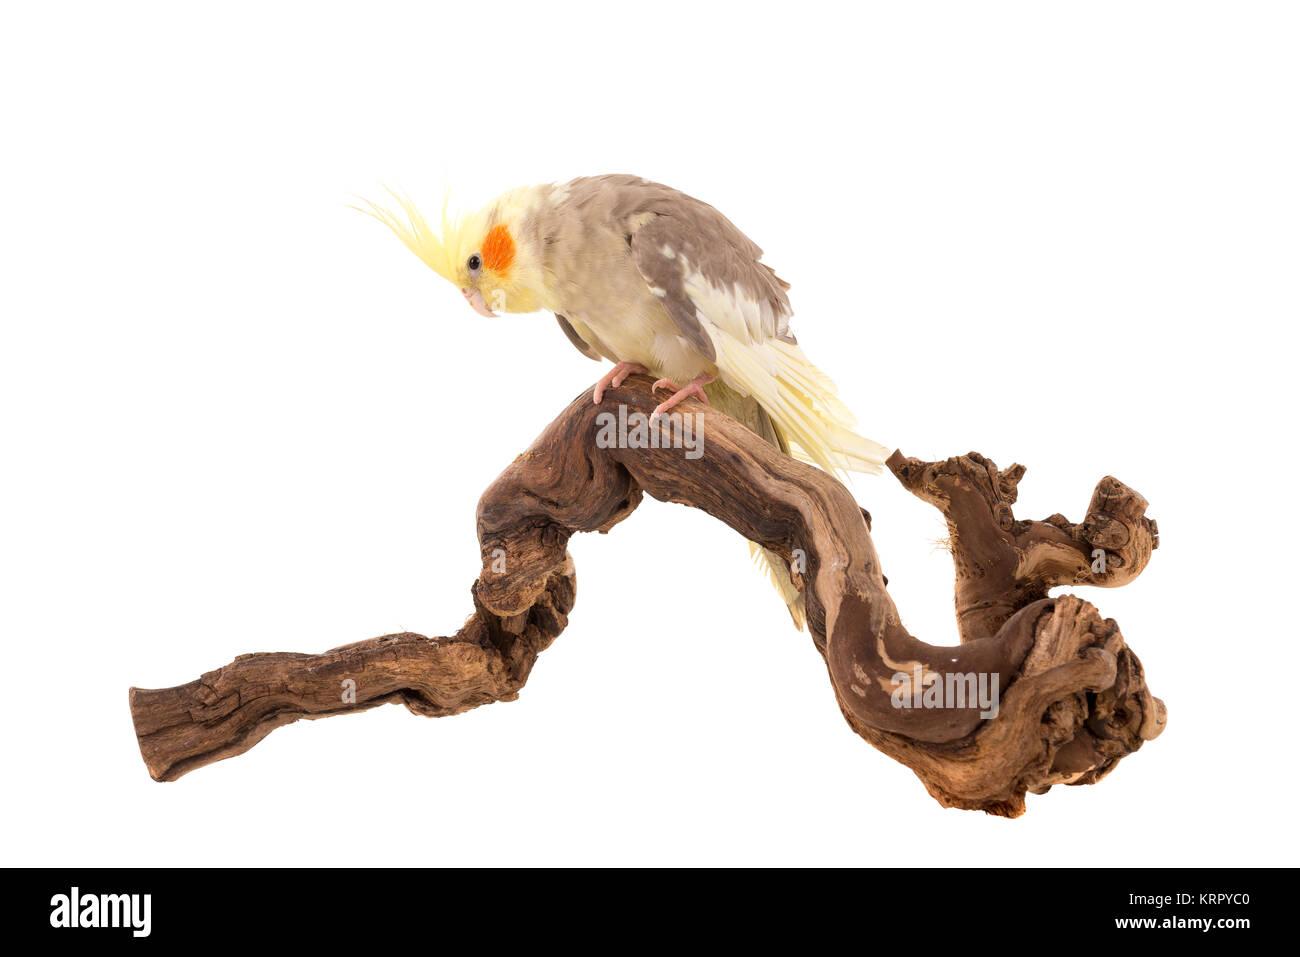 Cockatiel - Stock Image